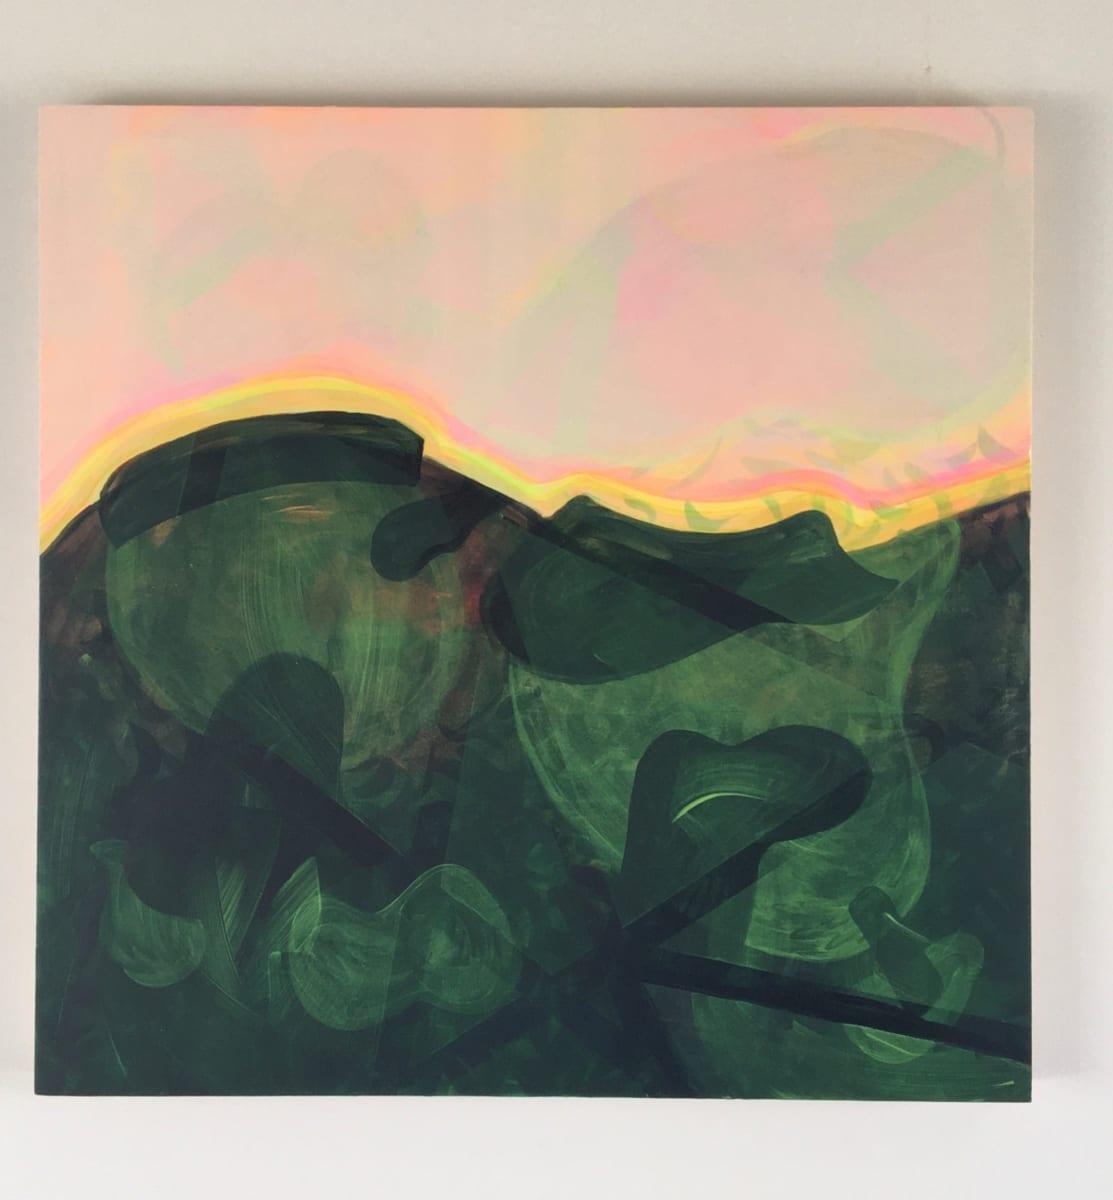 Magnetic fields under neon skies by Linda Gilbert